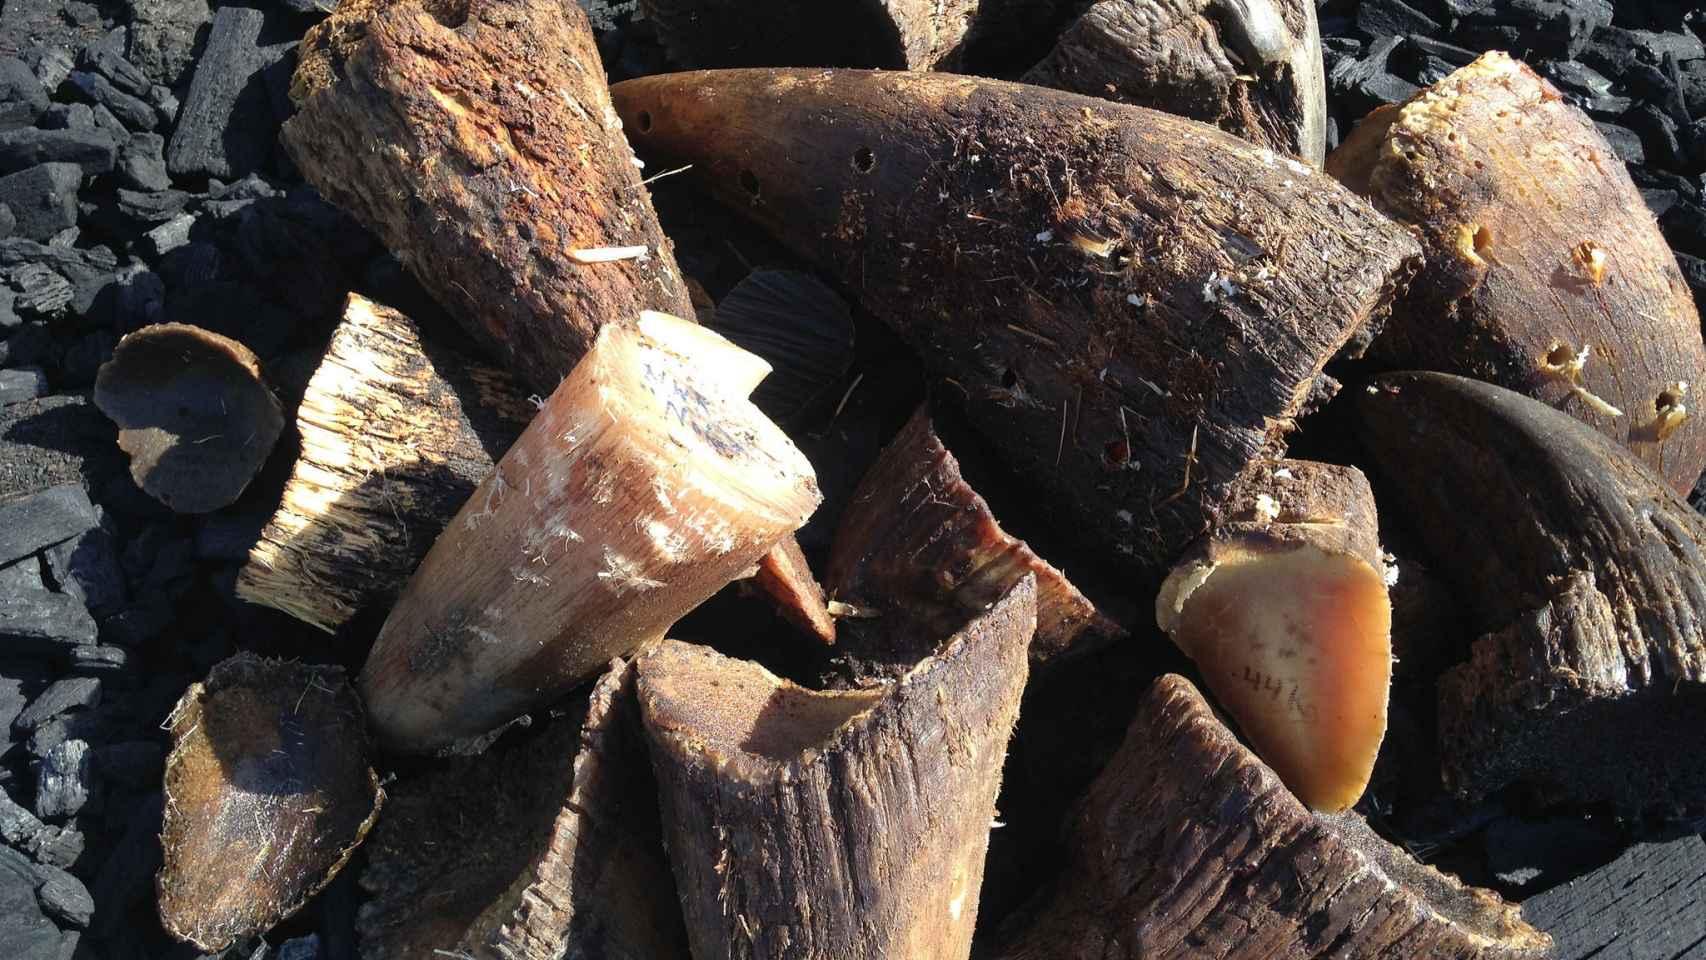 Cuernos de rinoceronte confiscados.